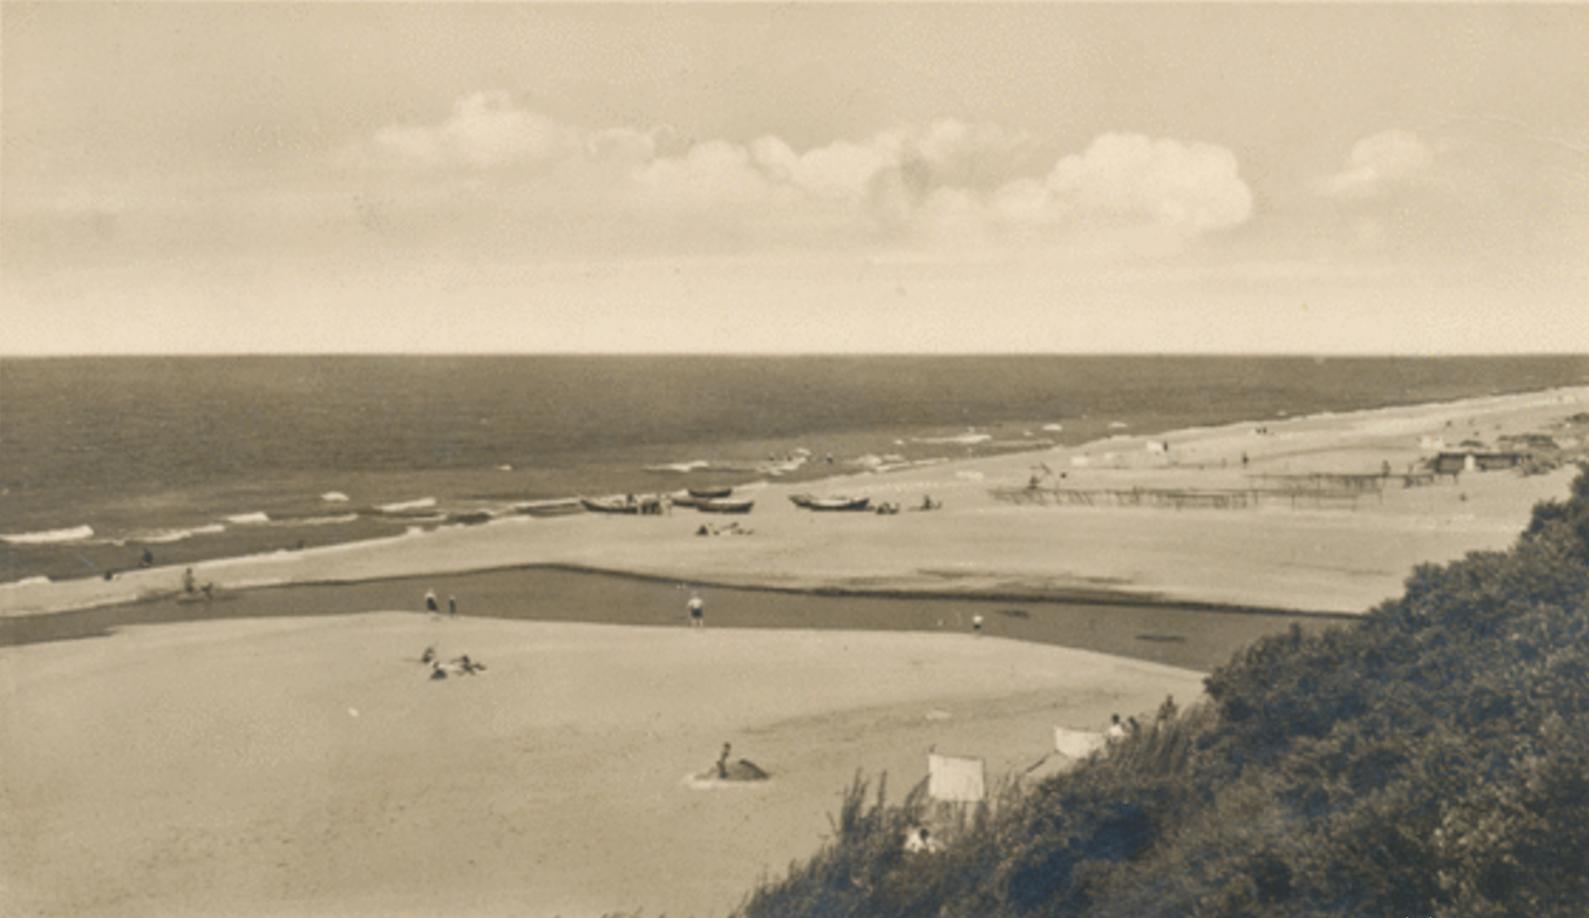 Путеводитель по пгт Янтарный - Пальмникен: отдых, достопримечательности, пляжи, рестораны, экскурсии